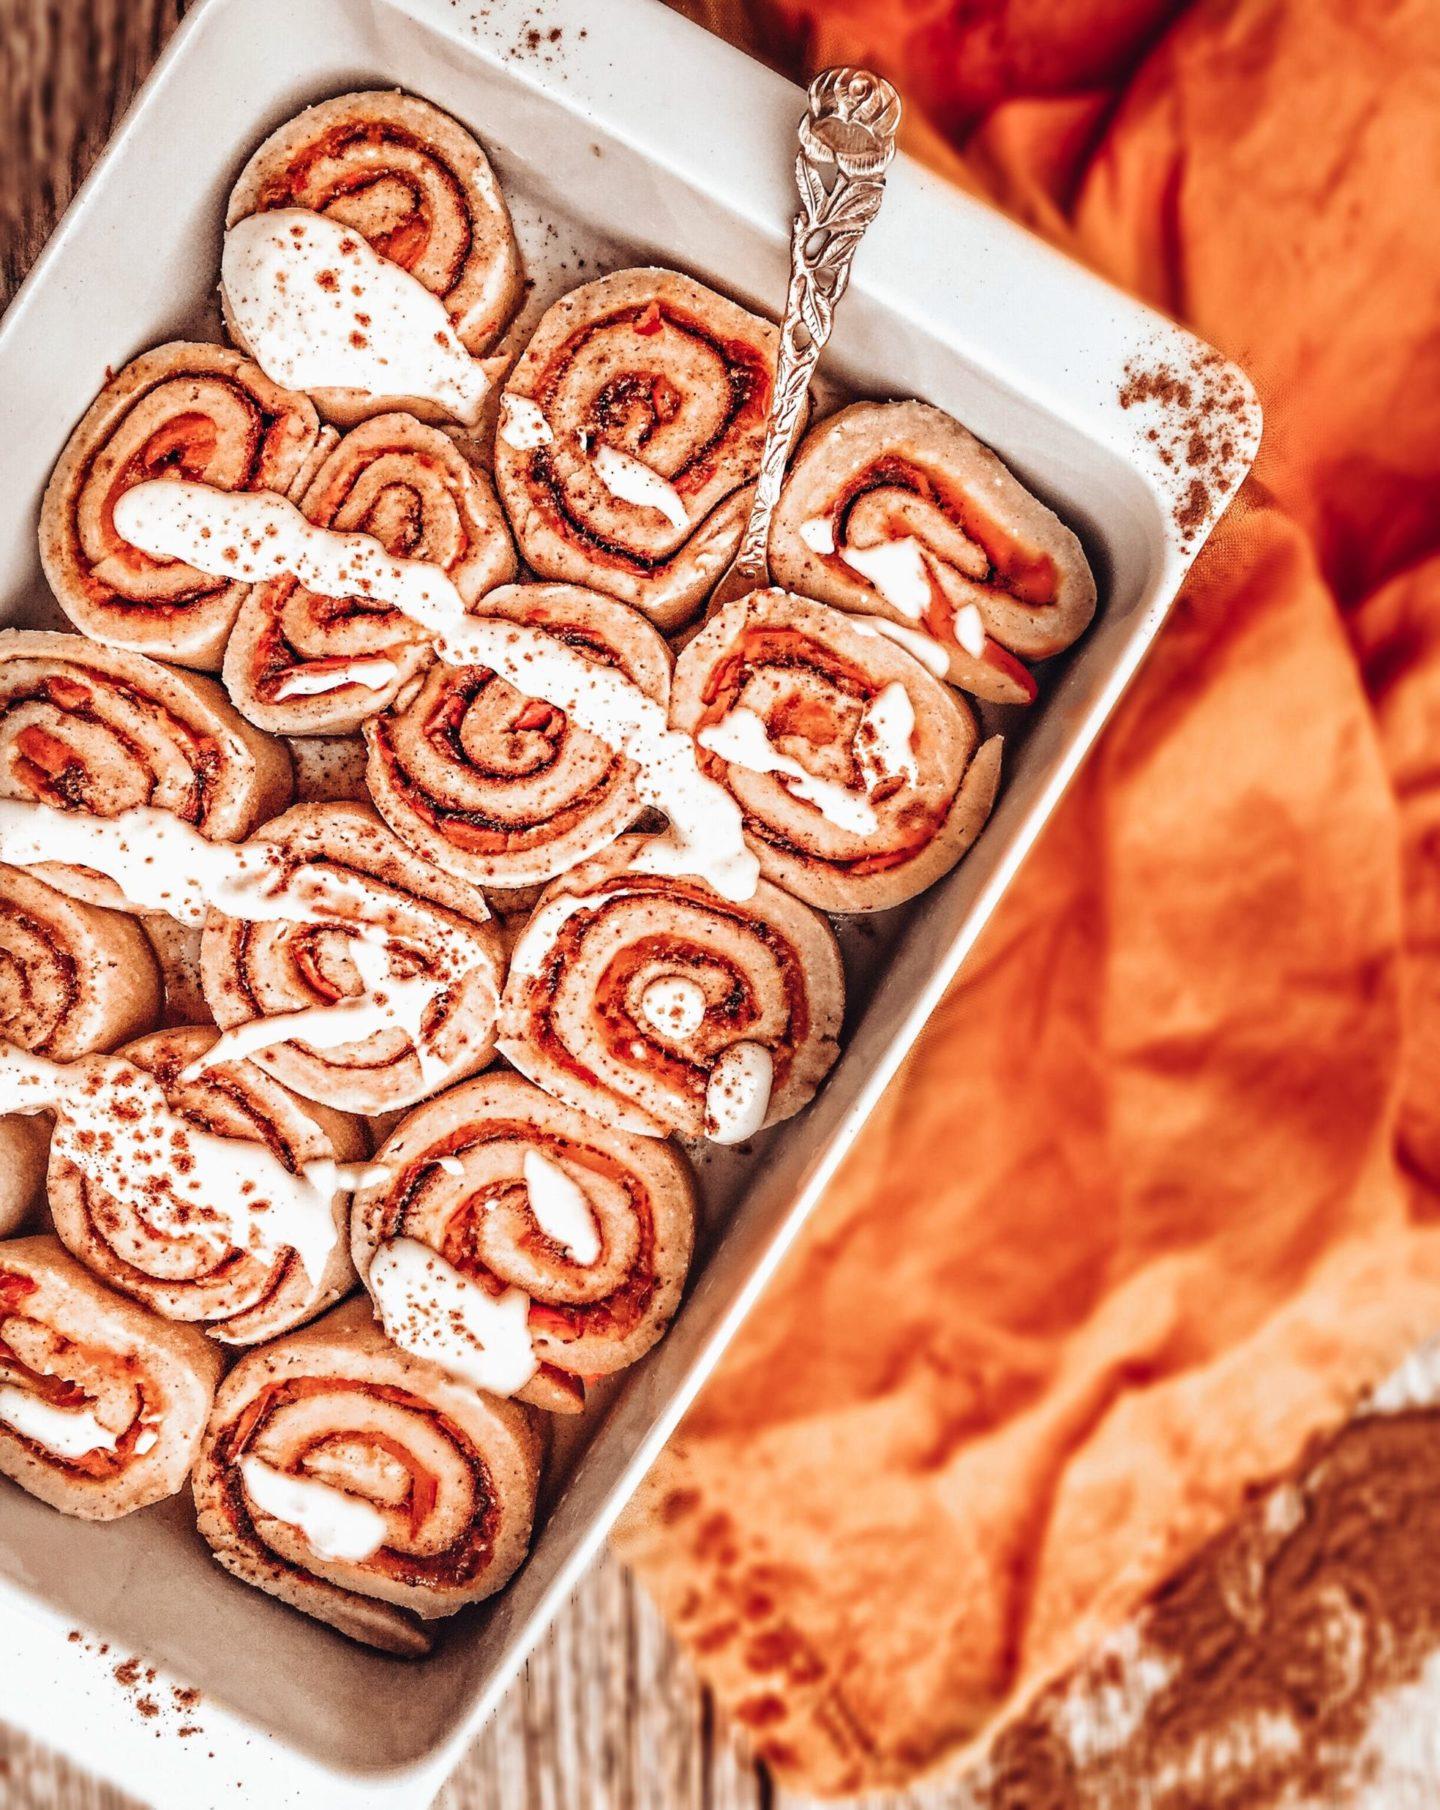 Herbstliche Zimtschnecken mit Kürbis | vegan, glutenfrei, ohne Zucker